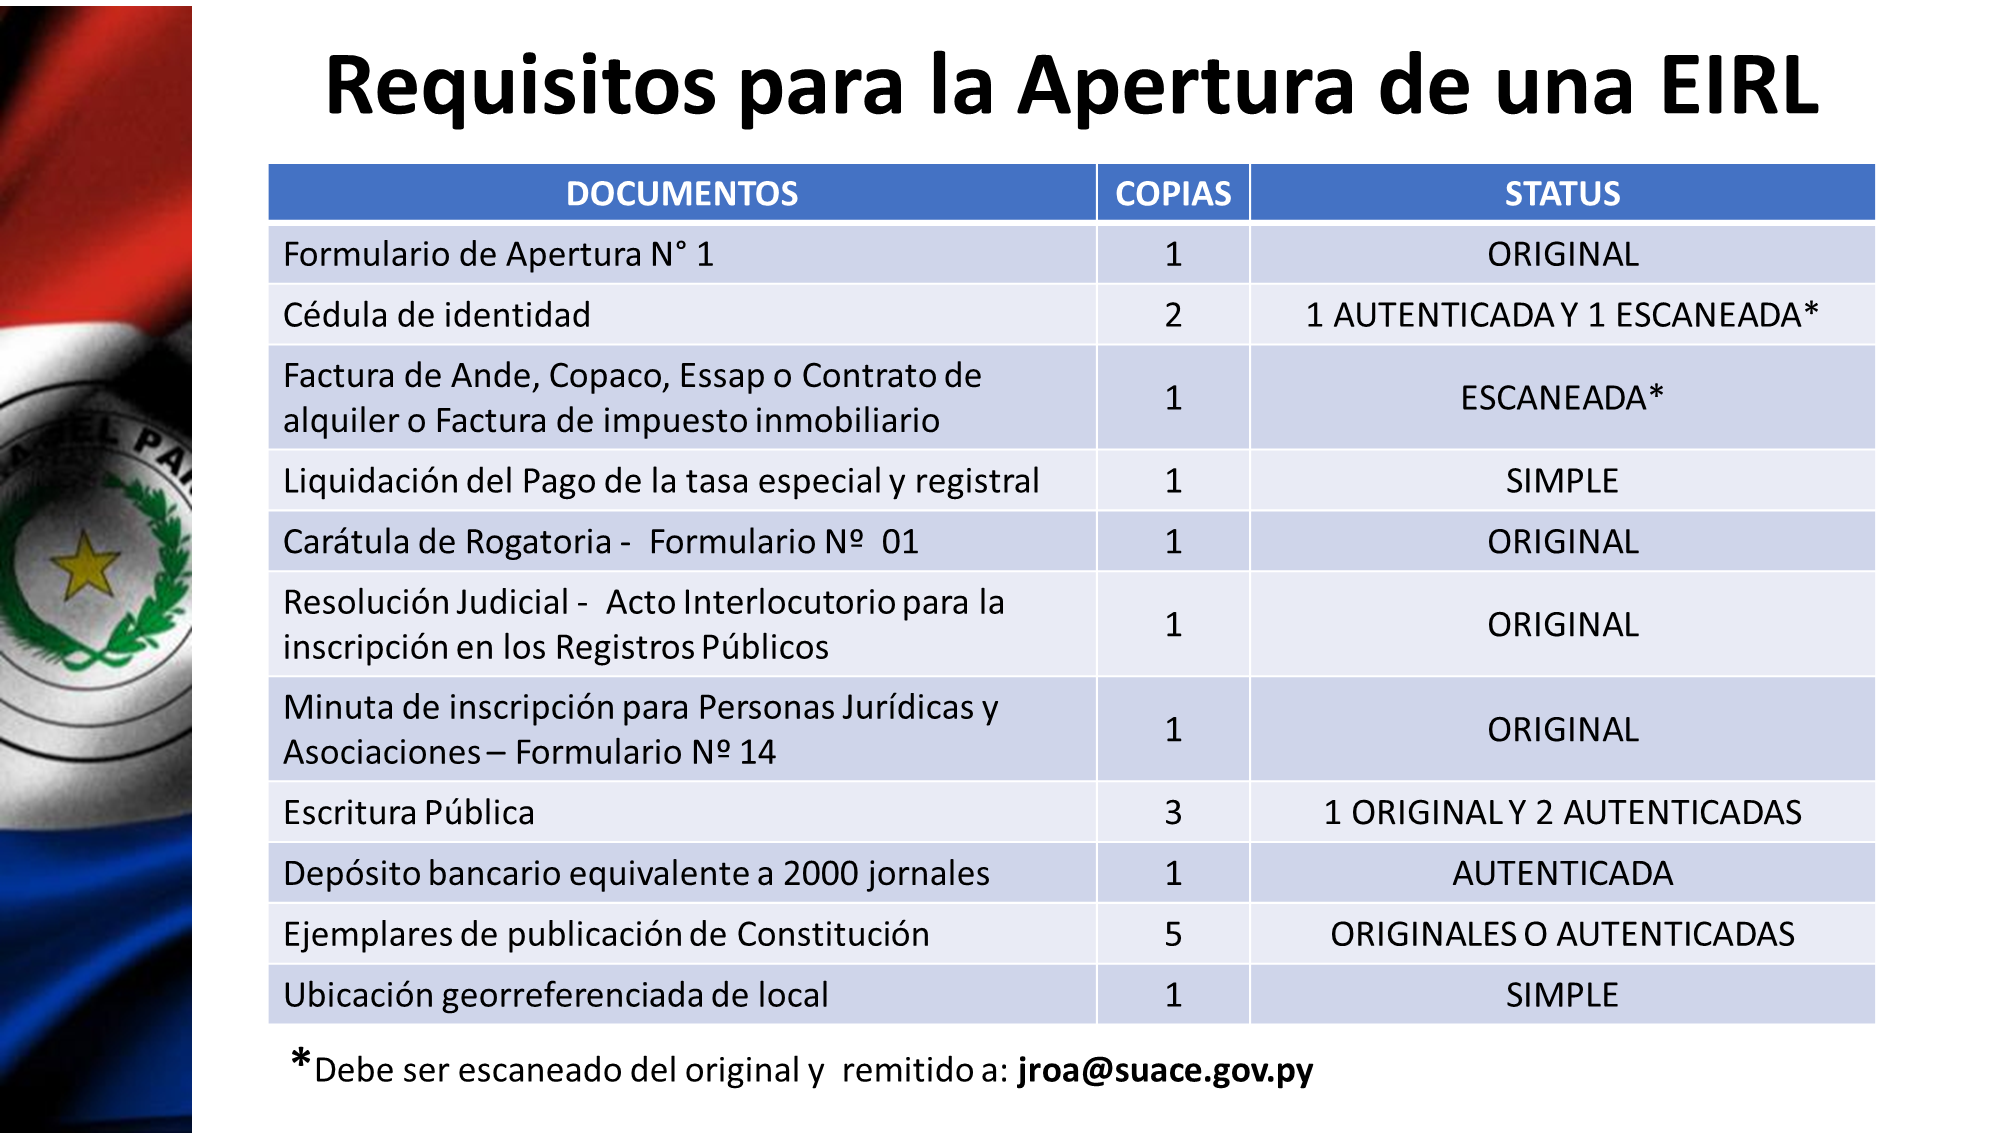 REQUISITOS APERTURA EIRL(1)